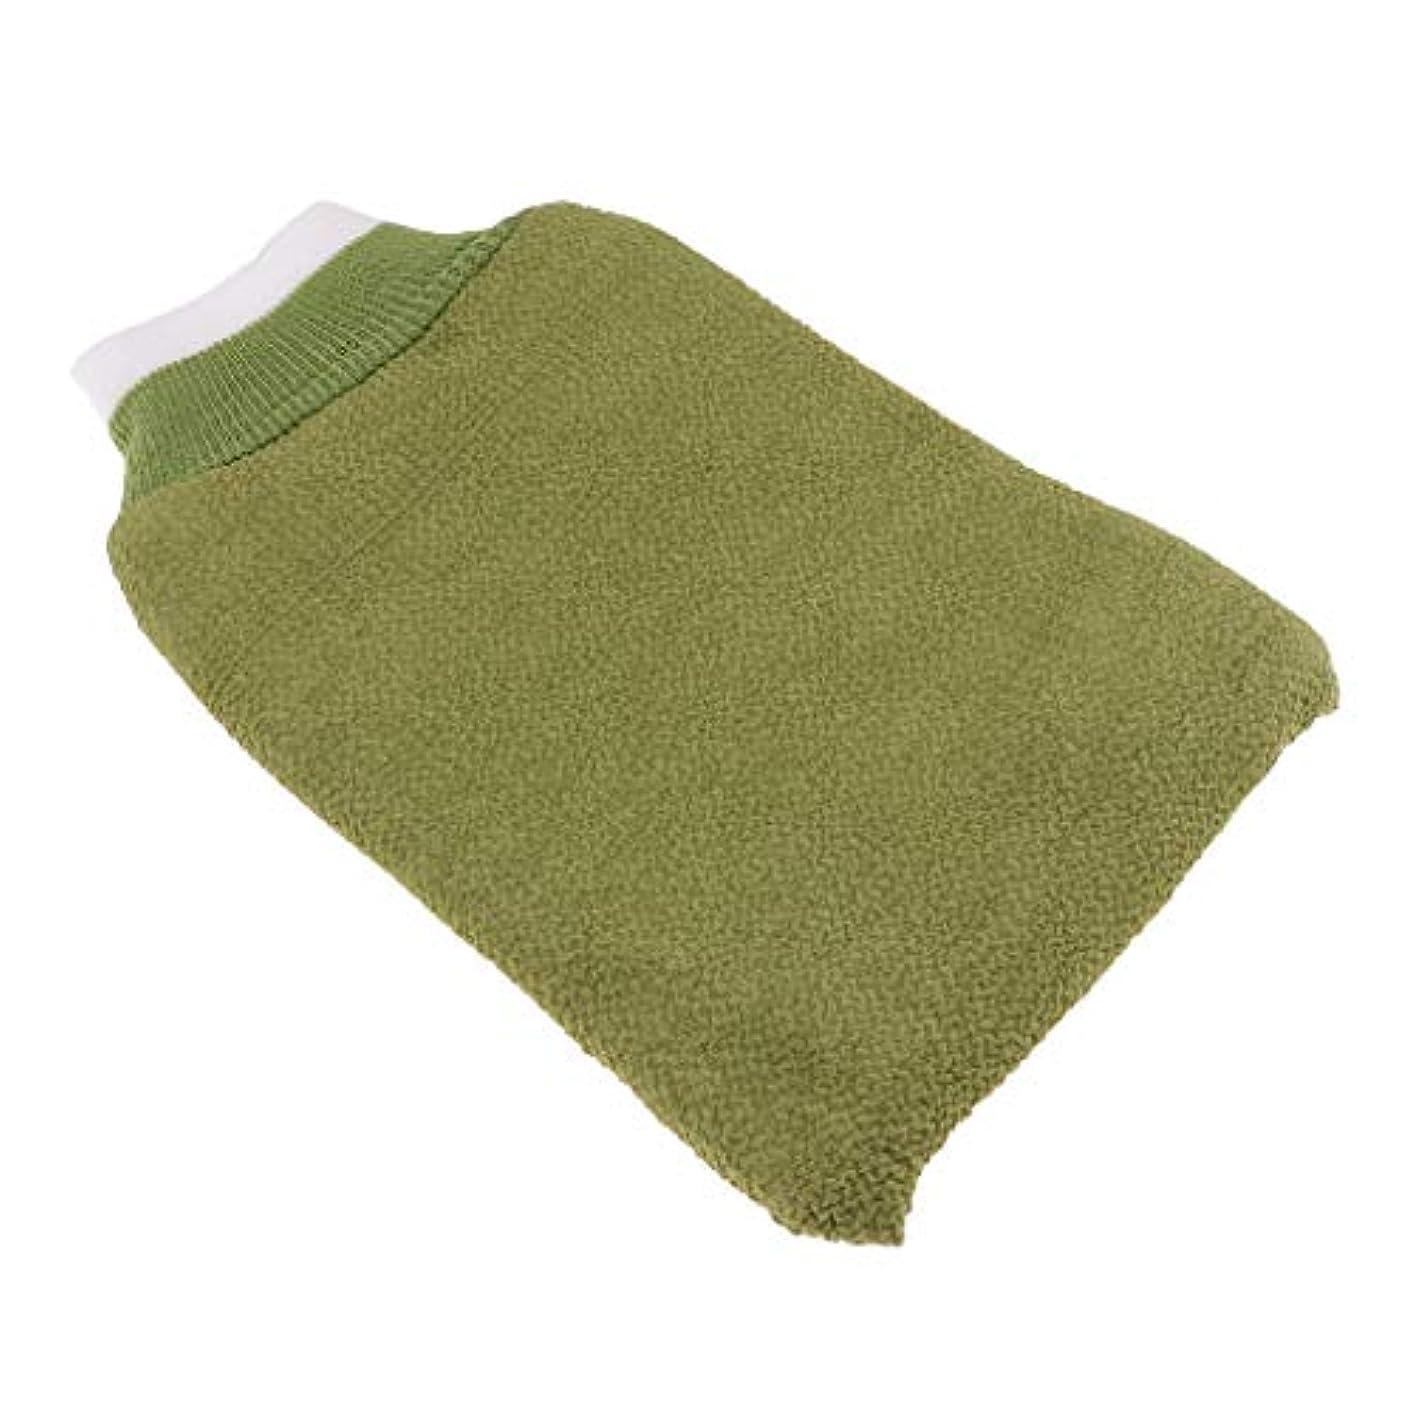 トラクターカフェテリアバラバラにするdailymall お風呂手袋 シャワーグローブ 垢すり手袋 毛穴清潔 角質除去 泡立ち バスグローブ 浴用手袋 全3色 - 緑